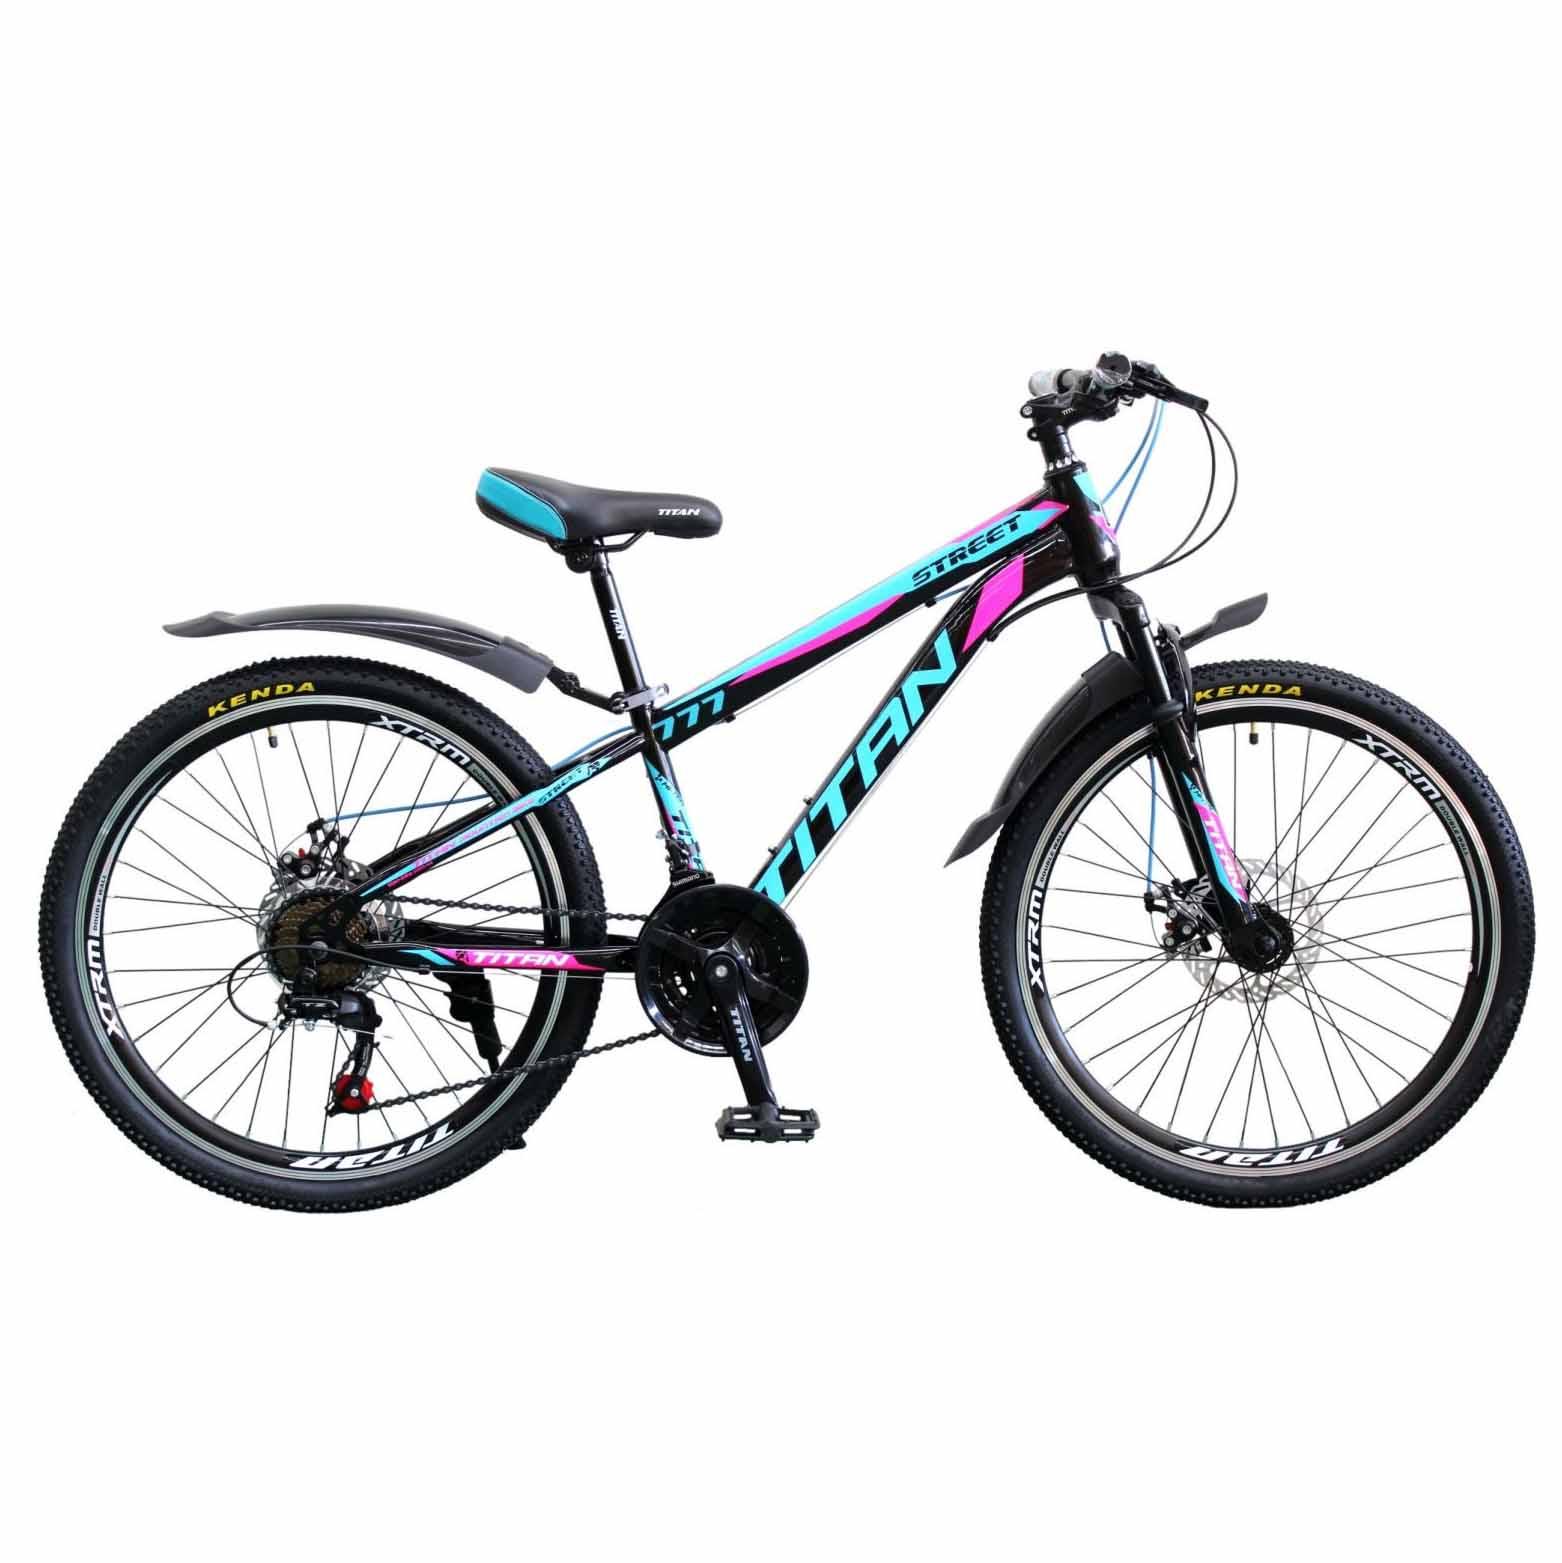 Фото Горный Велосипед 26 Titan Street черно-сине-розовый 2019